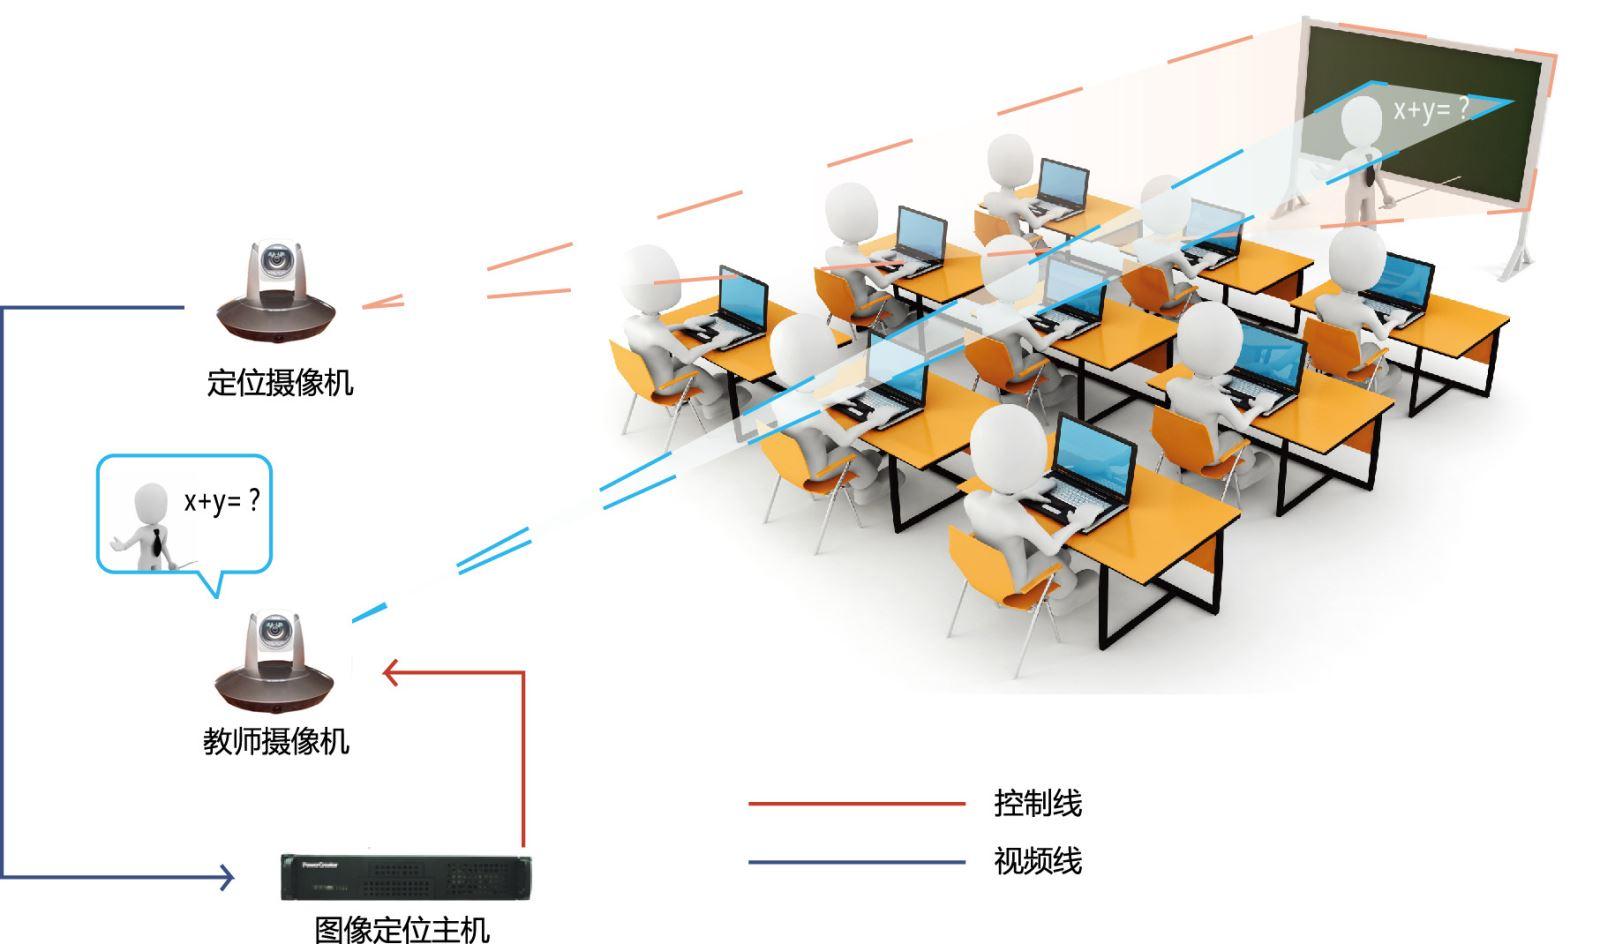 师大教育录播系统排名 2020录播系统厂家排名